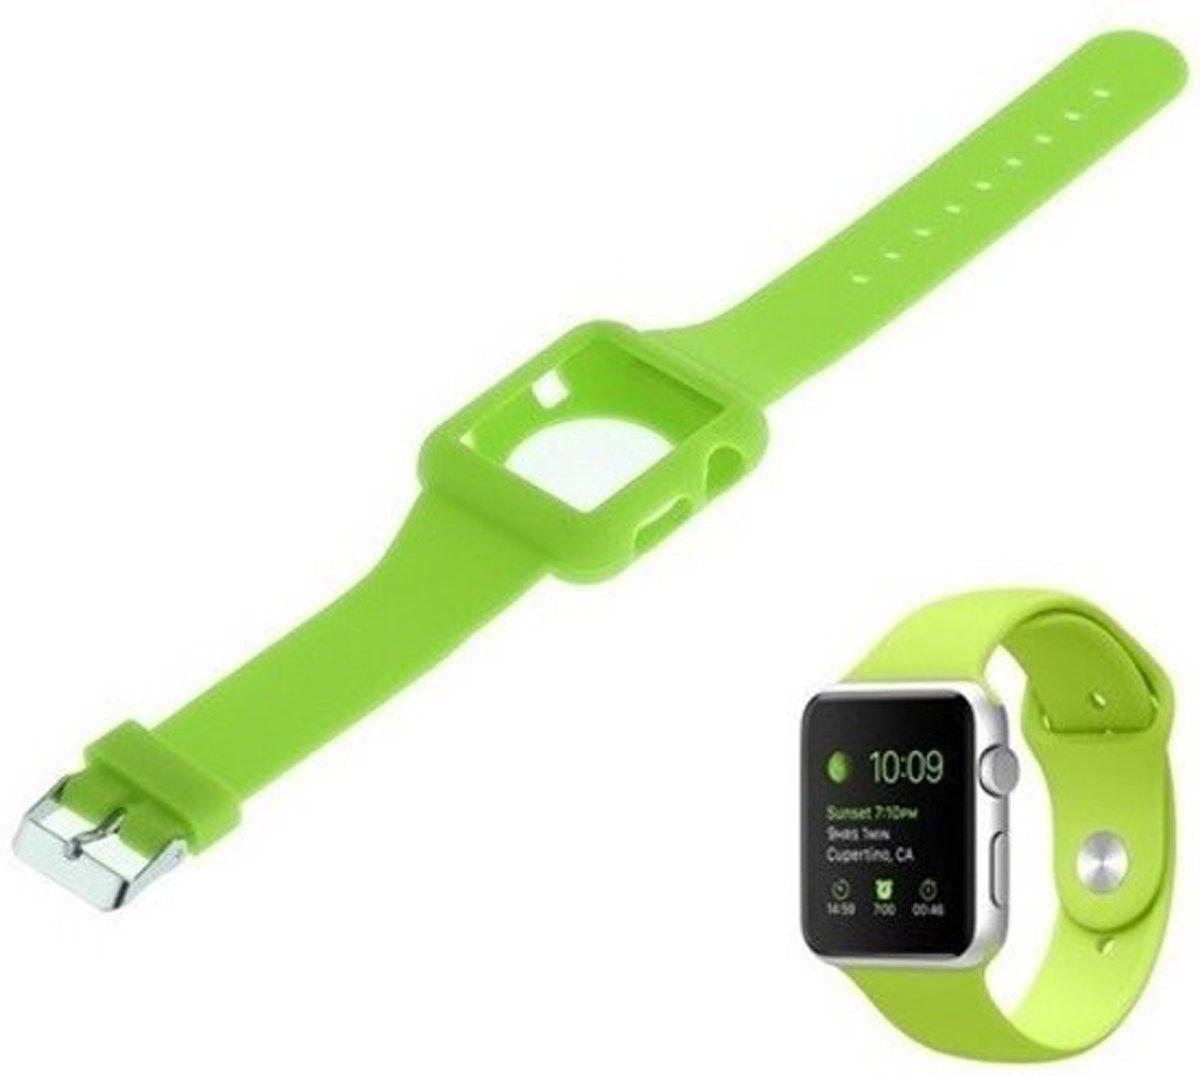 Silicon armband compatibel met Apple Watch 38mm Groen kopen